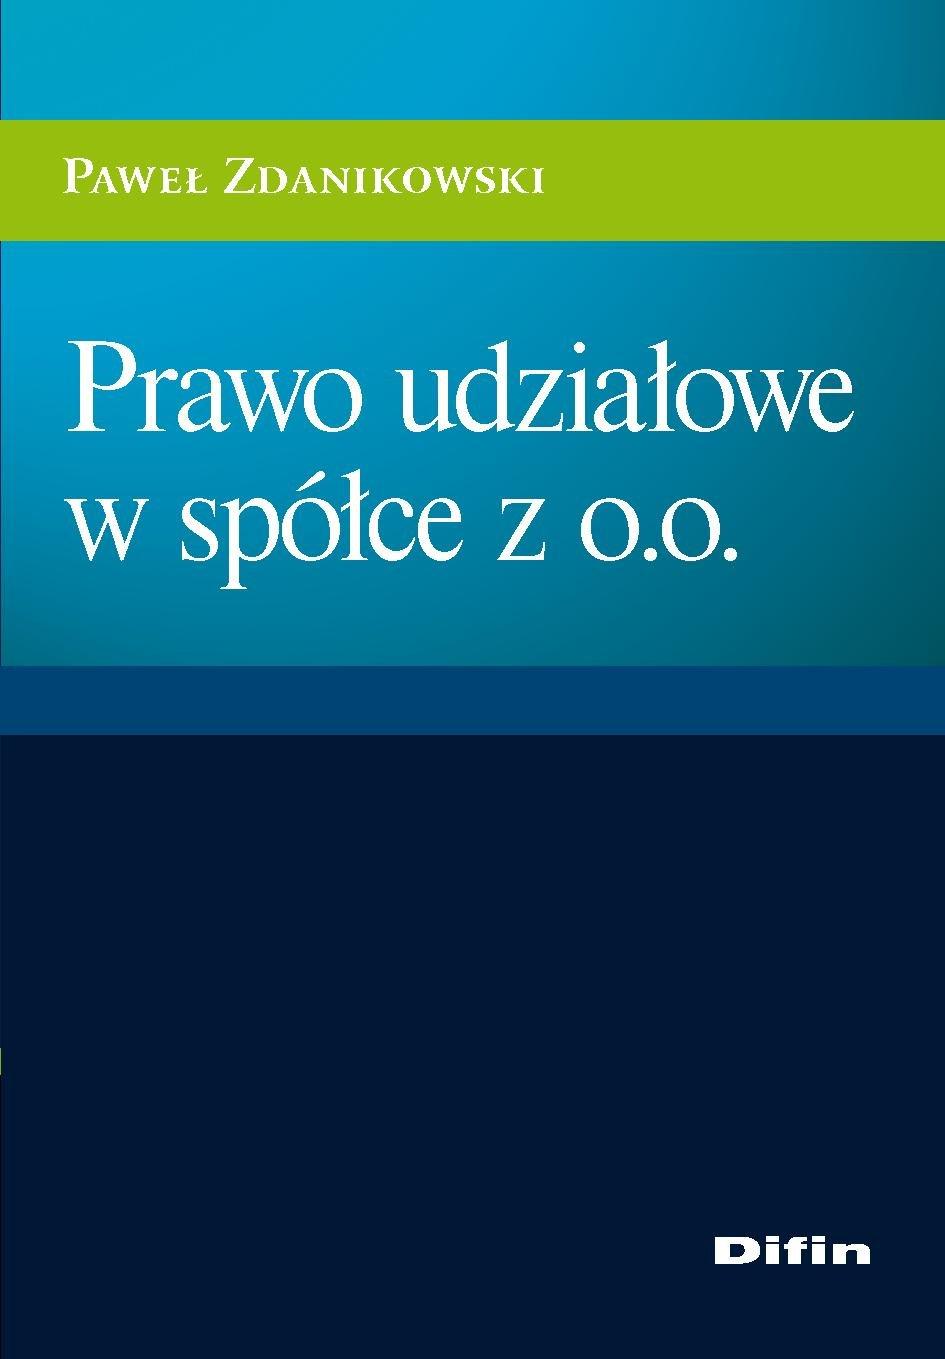 Prawo udziałowe w spółce z o.o.